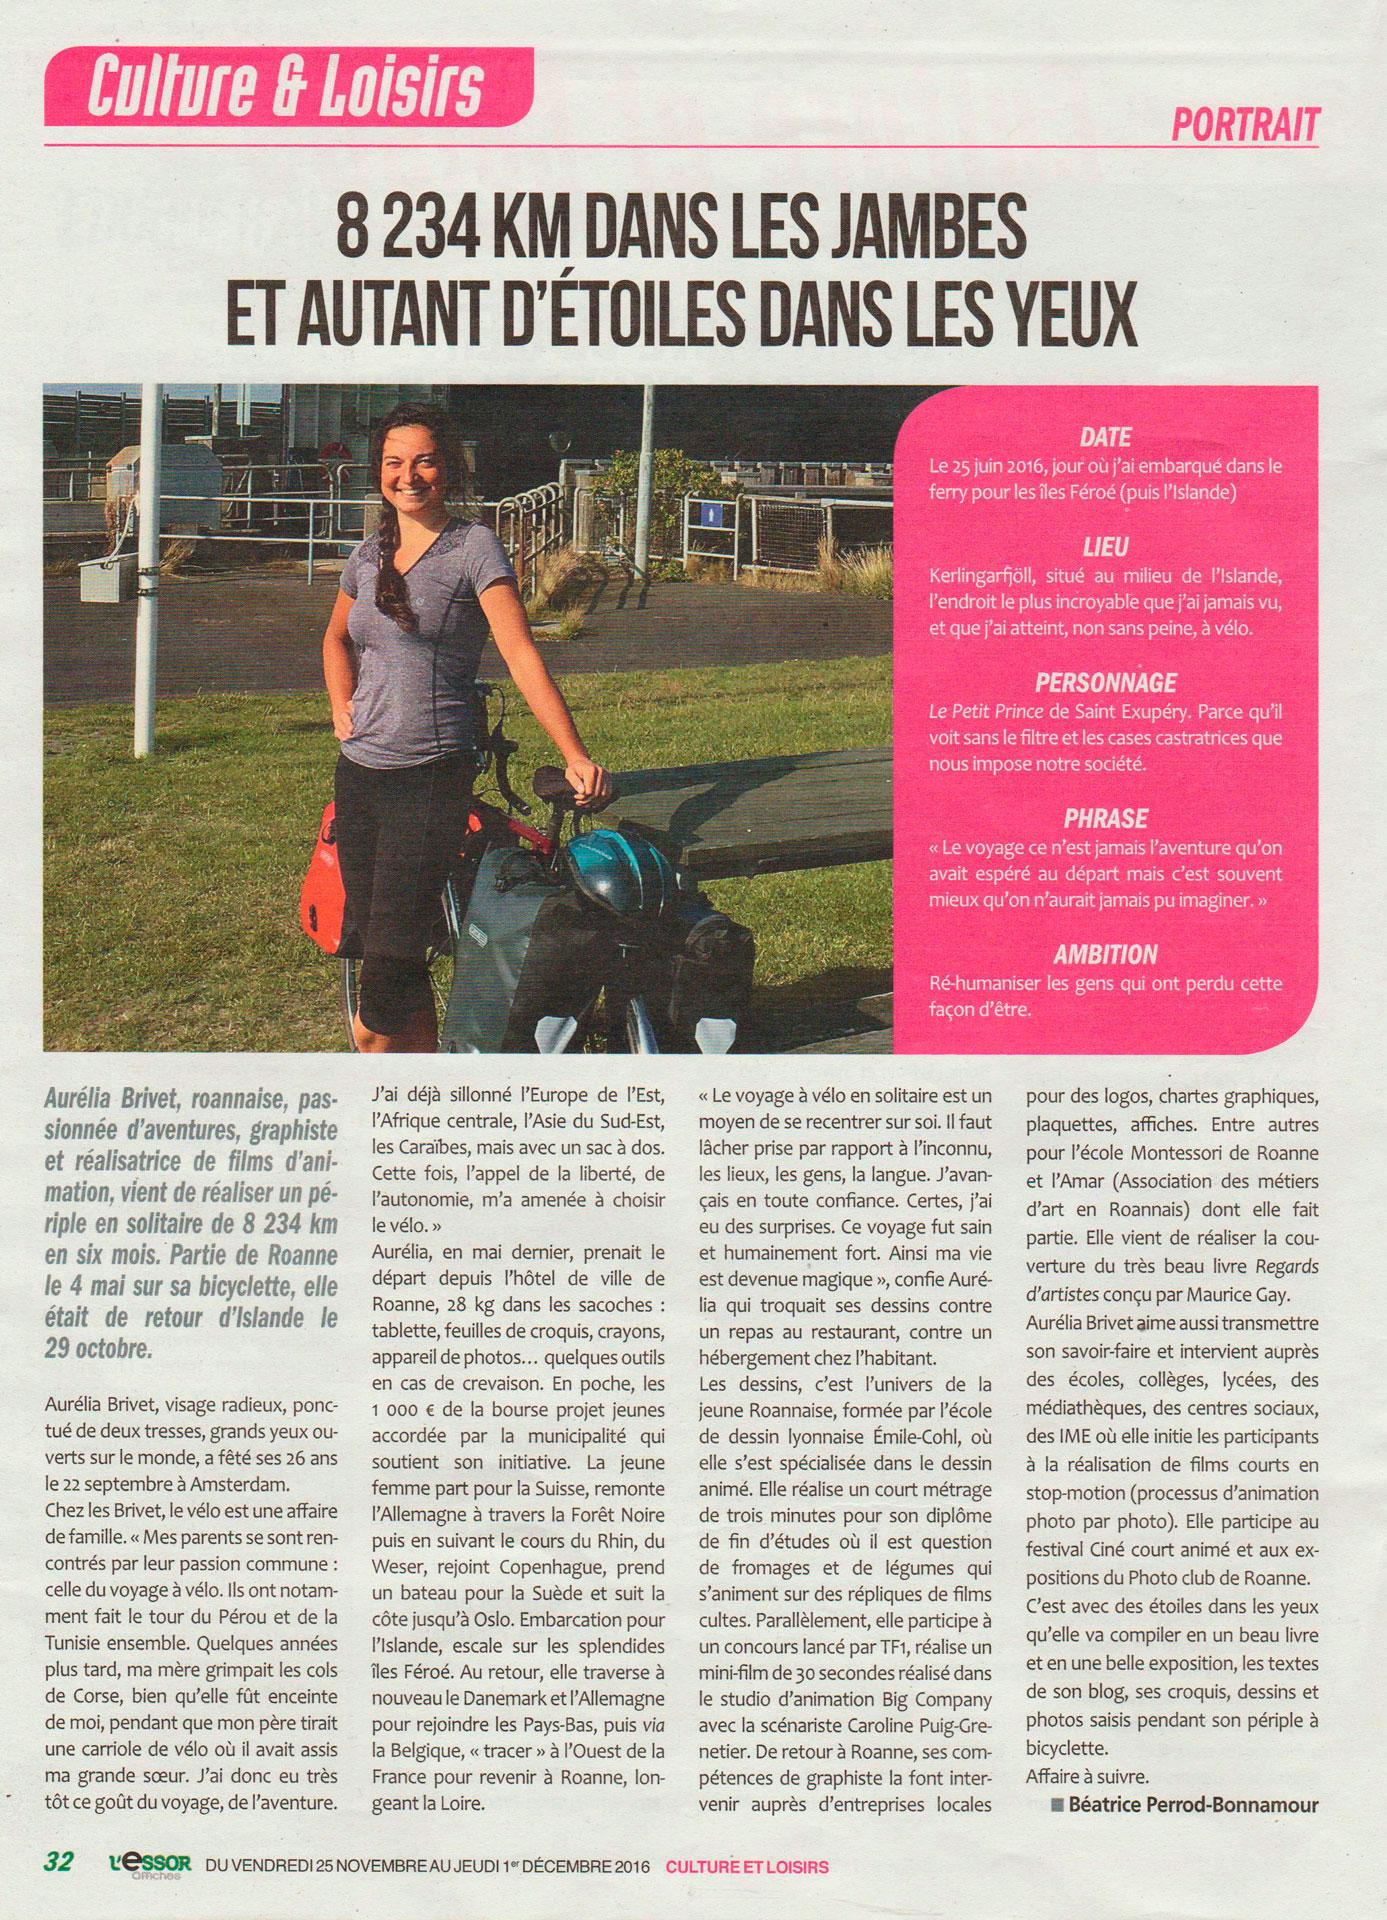 presse_essor_161125_beatrice-bonnamour